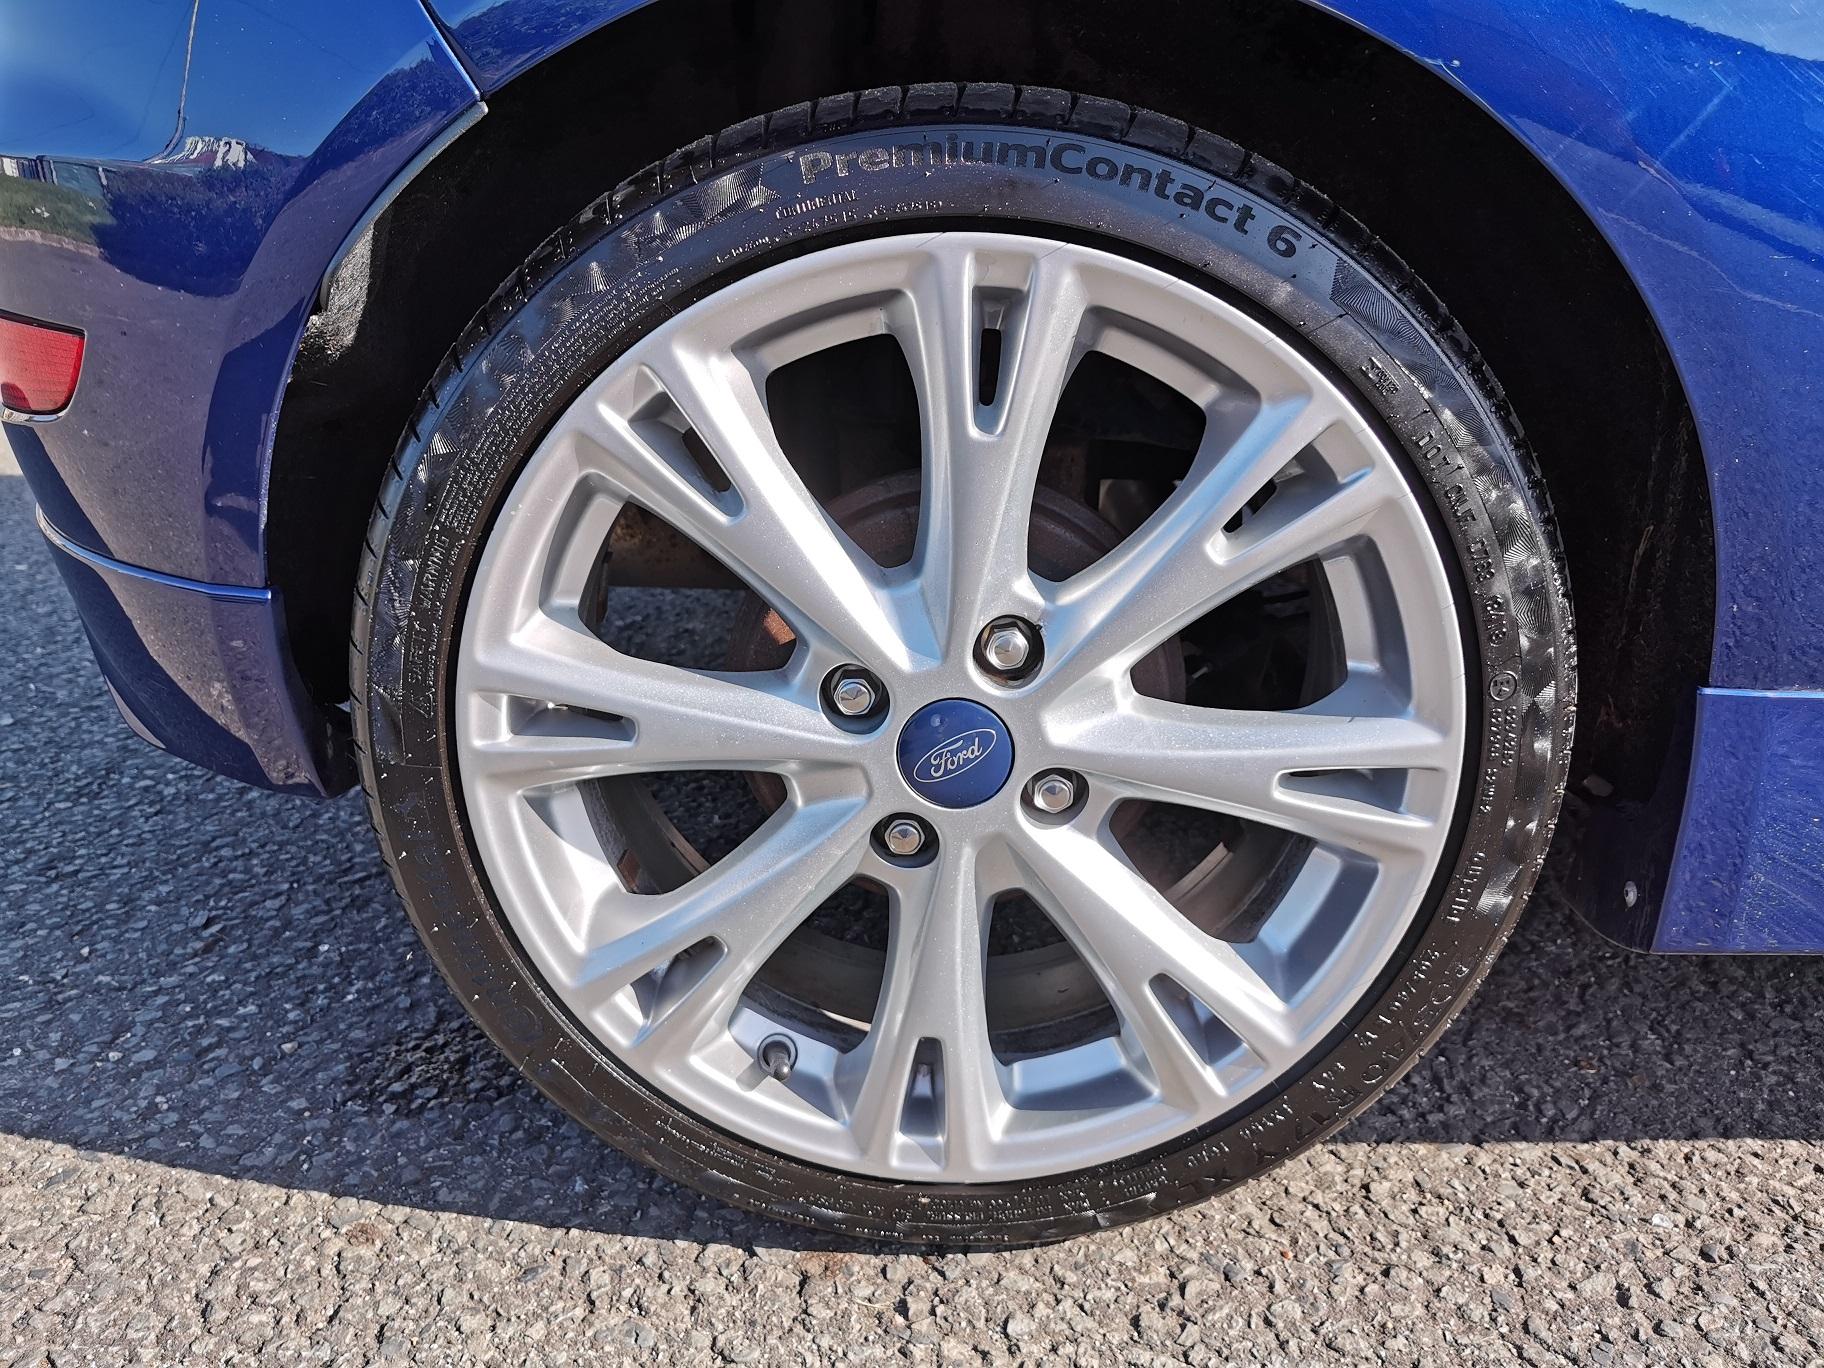 Lot 1 - 2014/14 REG FORD FIESTA ZETEC S 125 BHP 1.0 ECOBOOST EURO 5 BLUE PETROL 3 DOOR HATCHBACK *NO VAT*